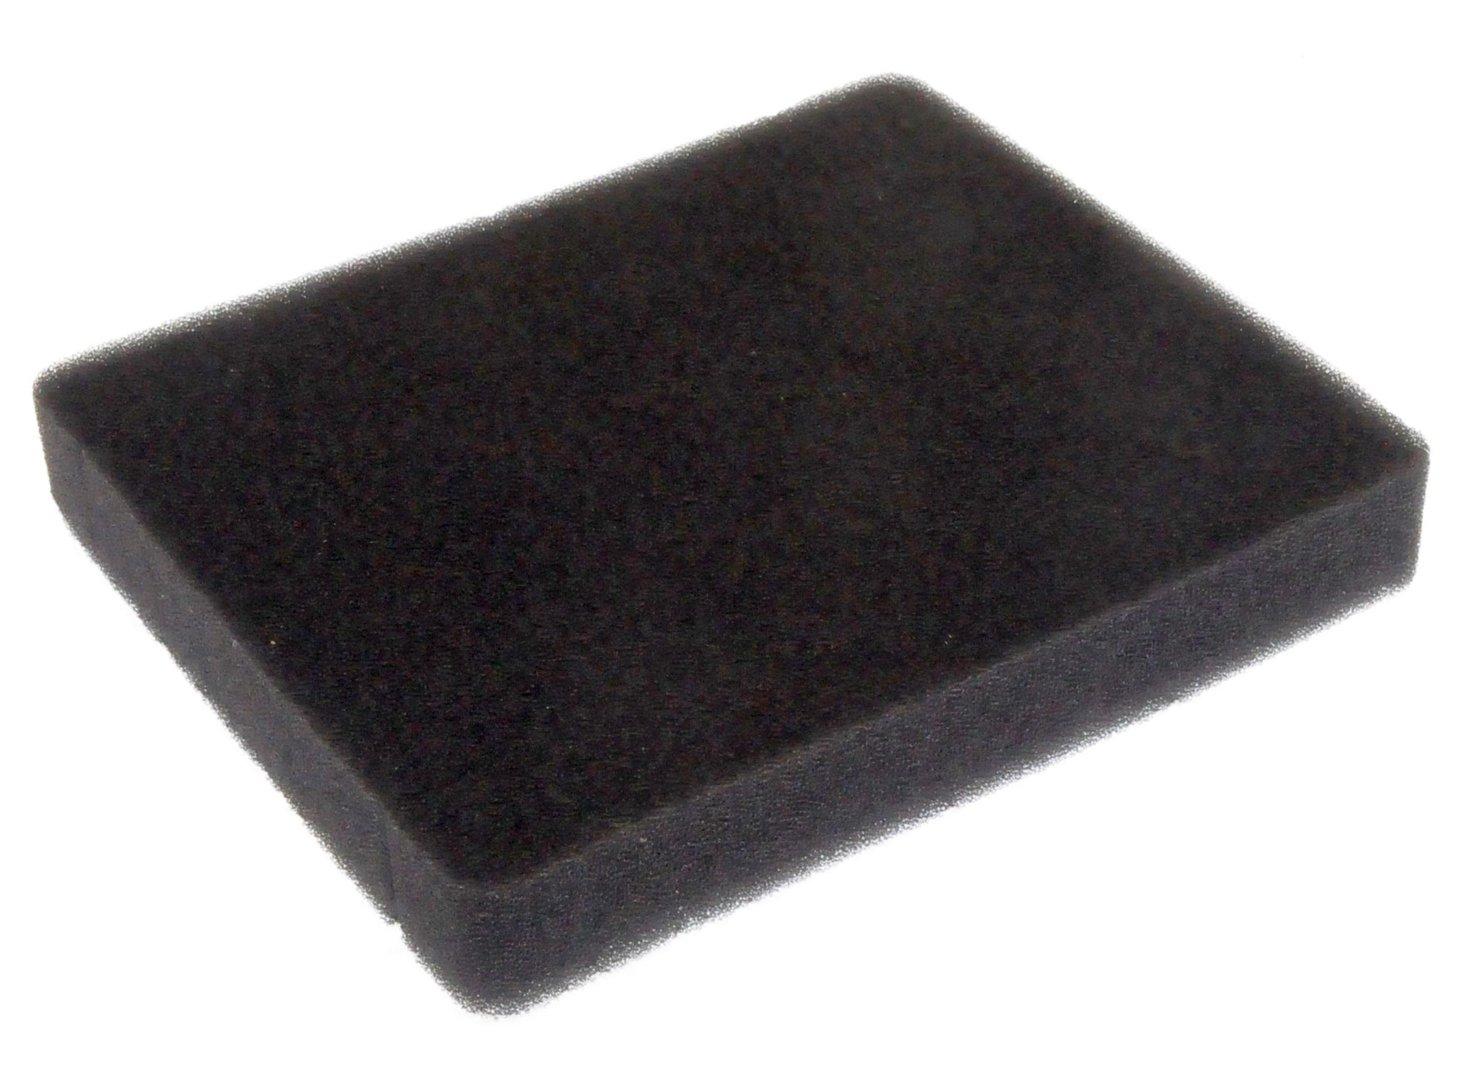 AEG Schwamm Schaumstoff Filter 140x115x20mm für Staubsauger